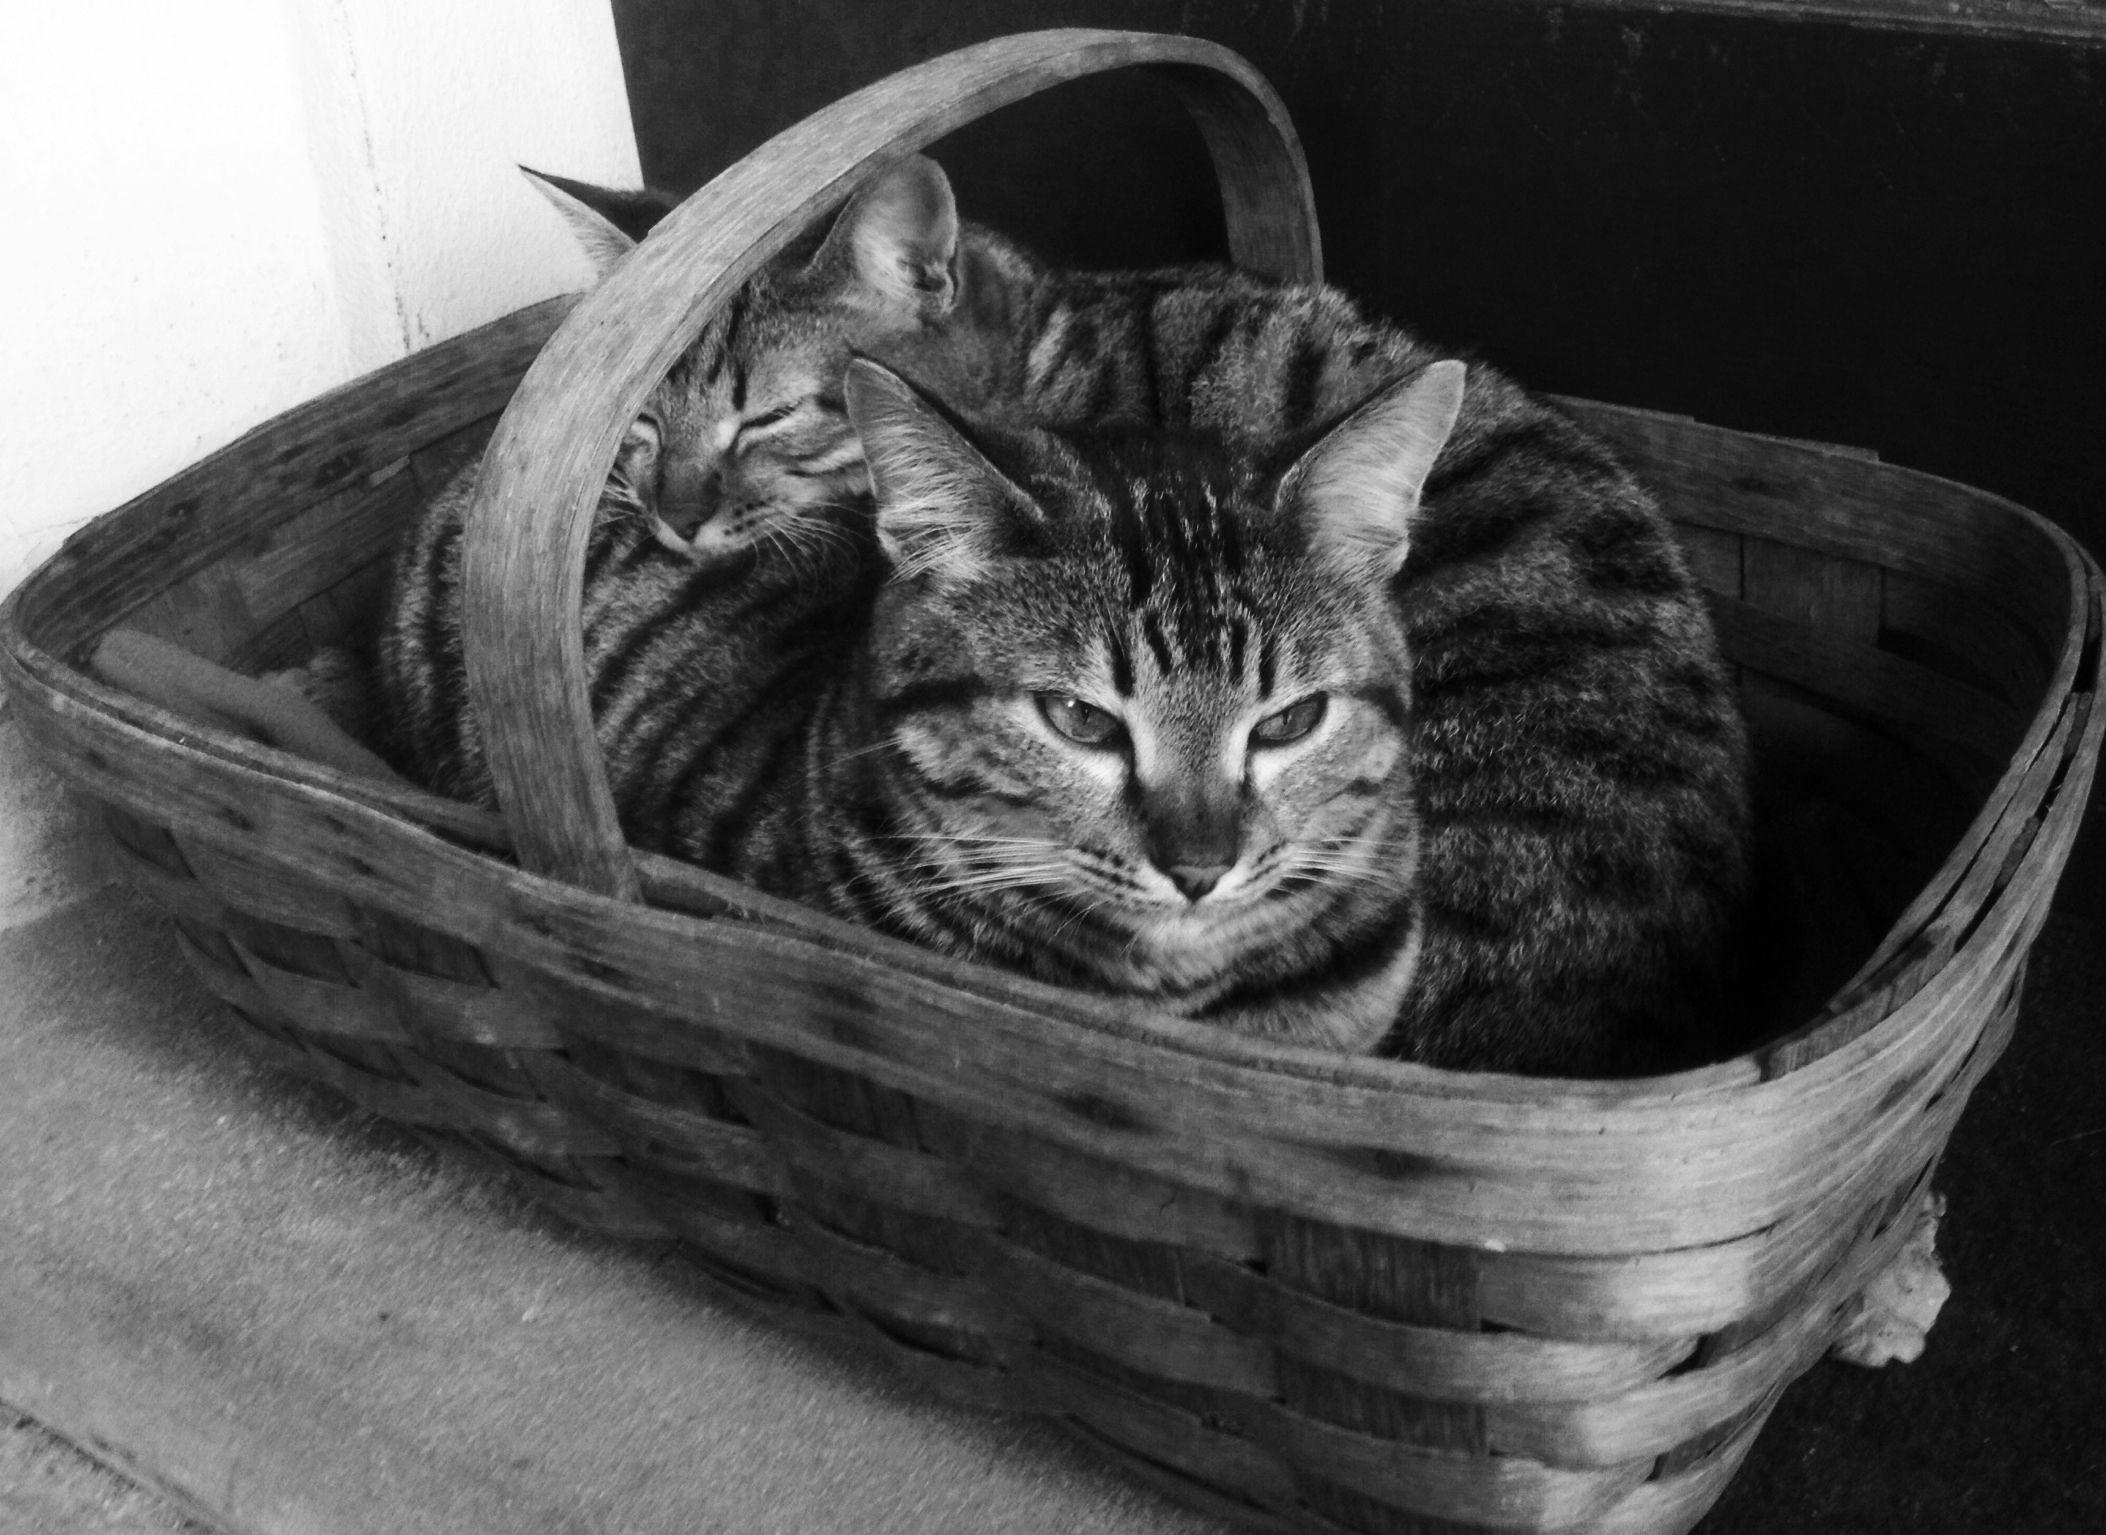 B/N Cats takeaway